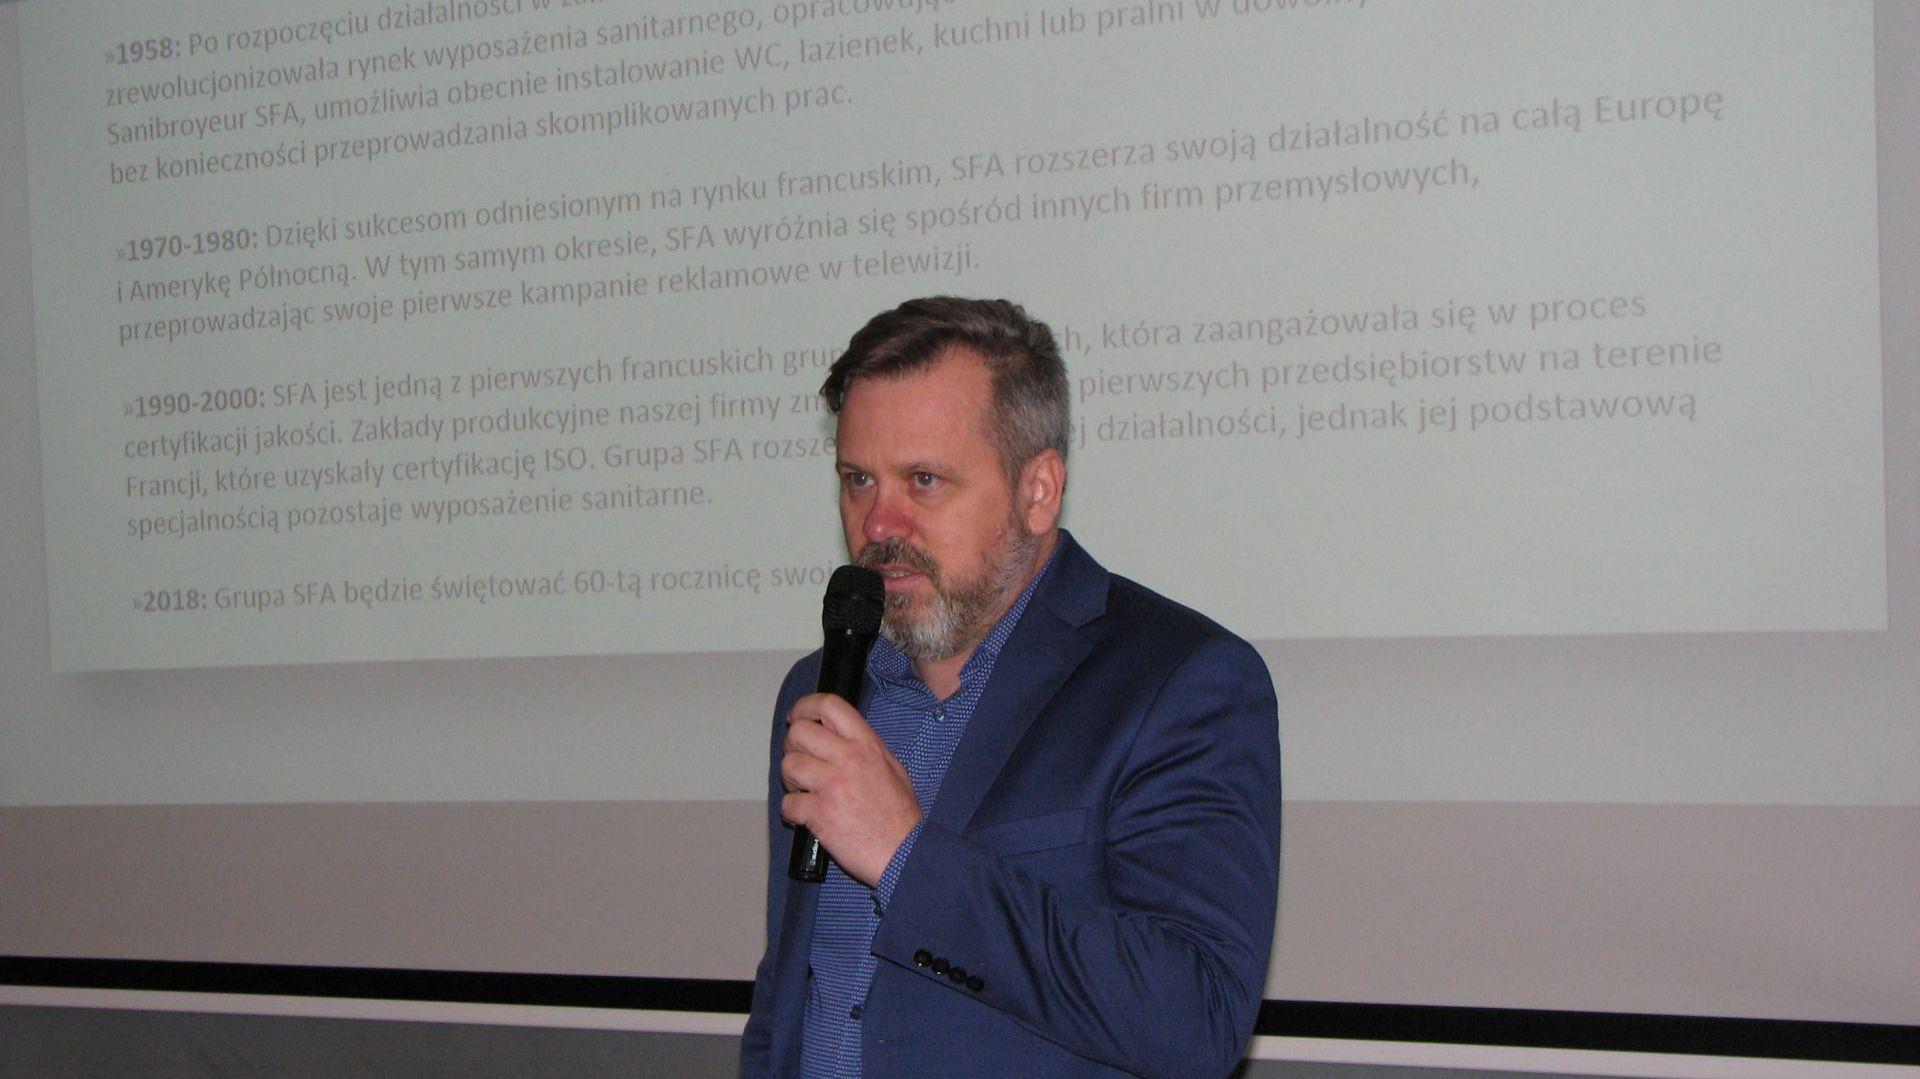 Przemysław Kapczuk, SFA Poland. Studio Dobrych Rozwiązań, 14.03 Olsztyn